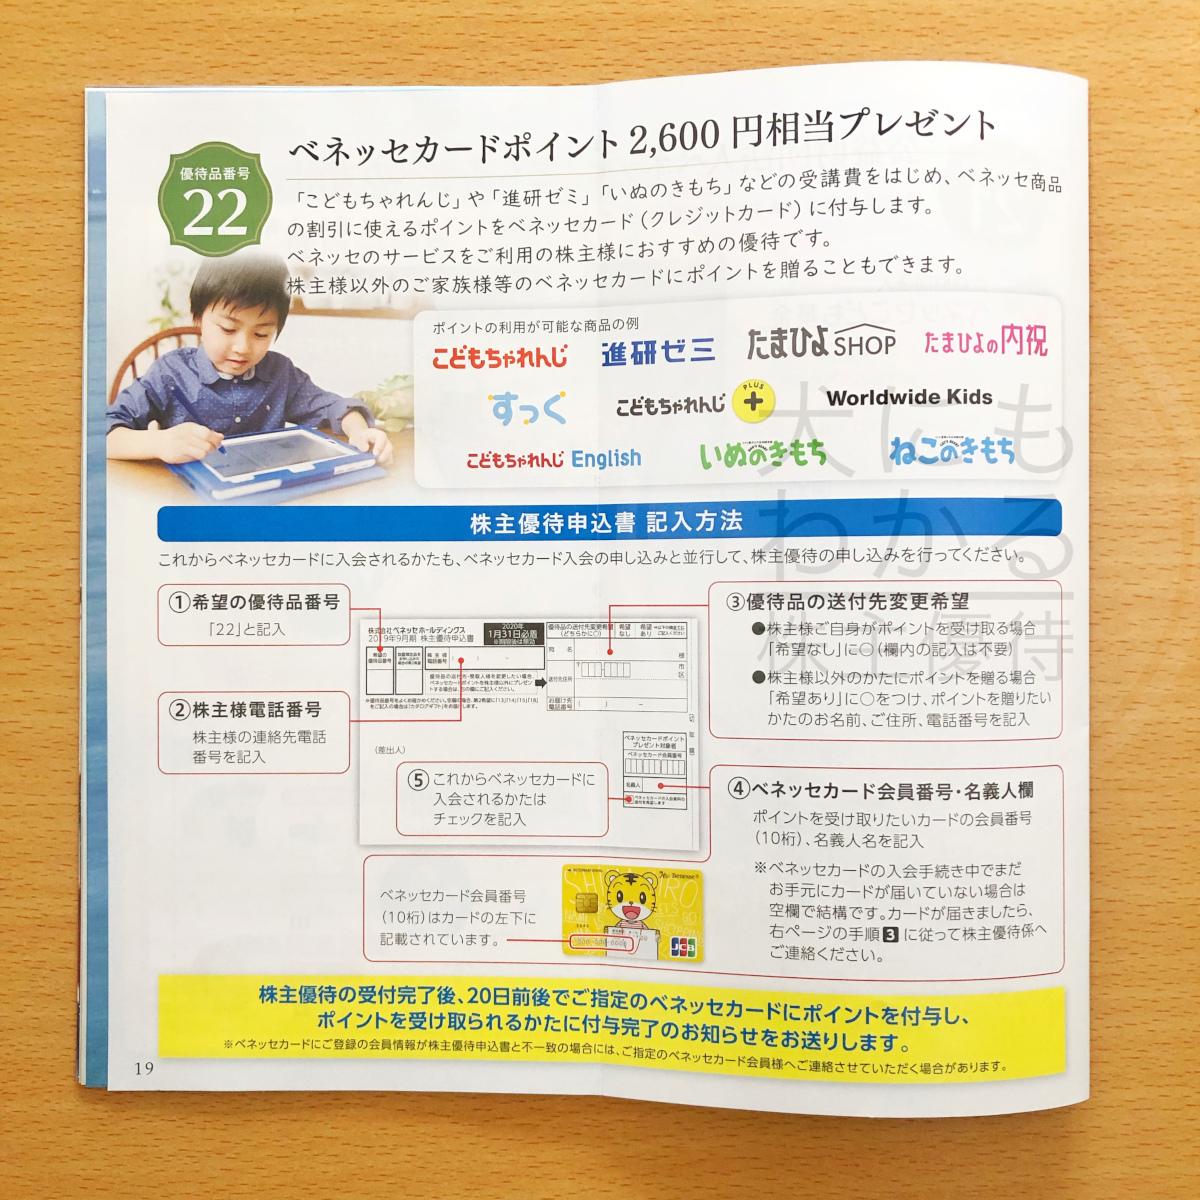 犬にもわかる株主優待 ベネッセ 優待カタログ22